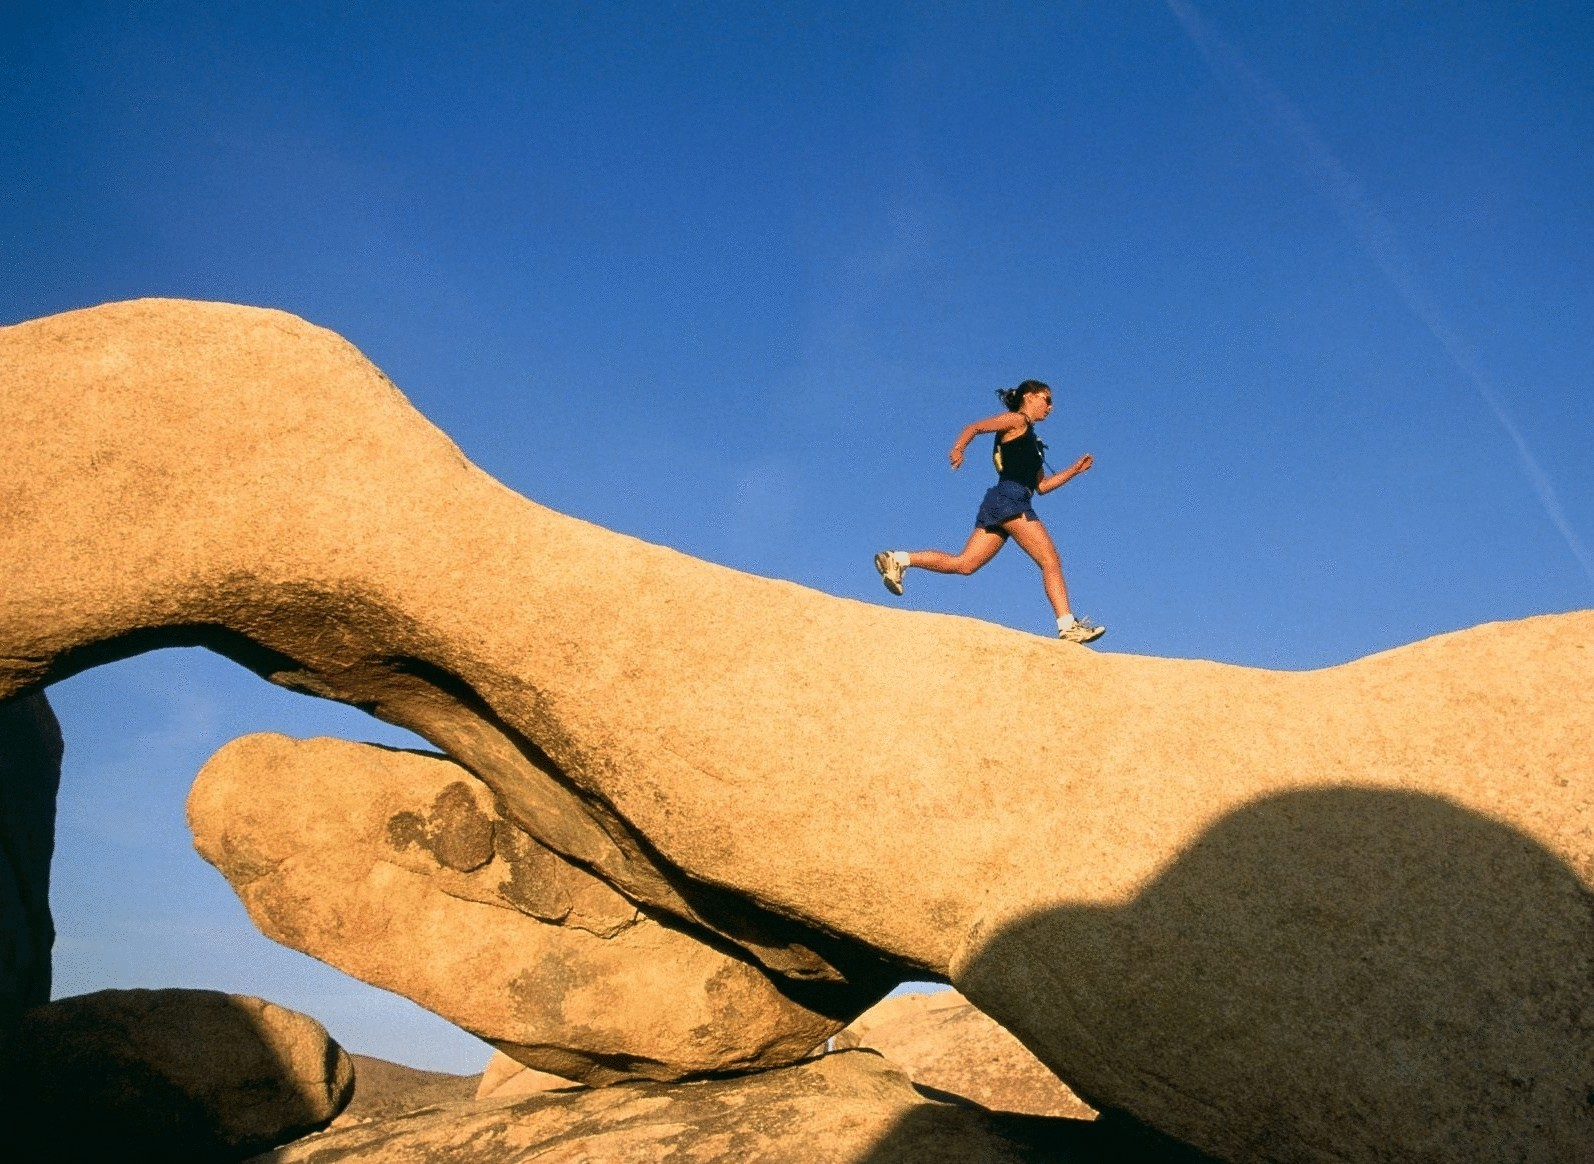 как похудеть при беге по утрам